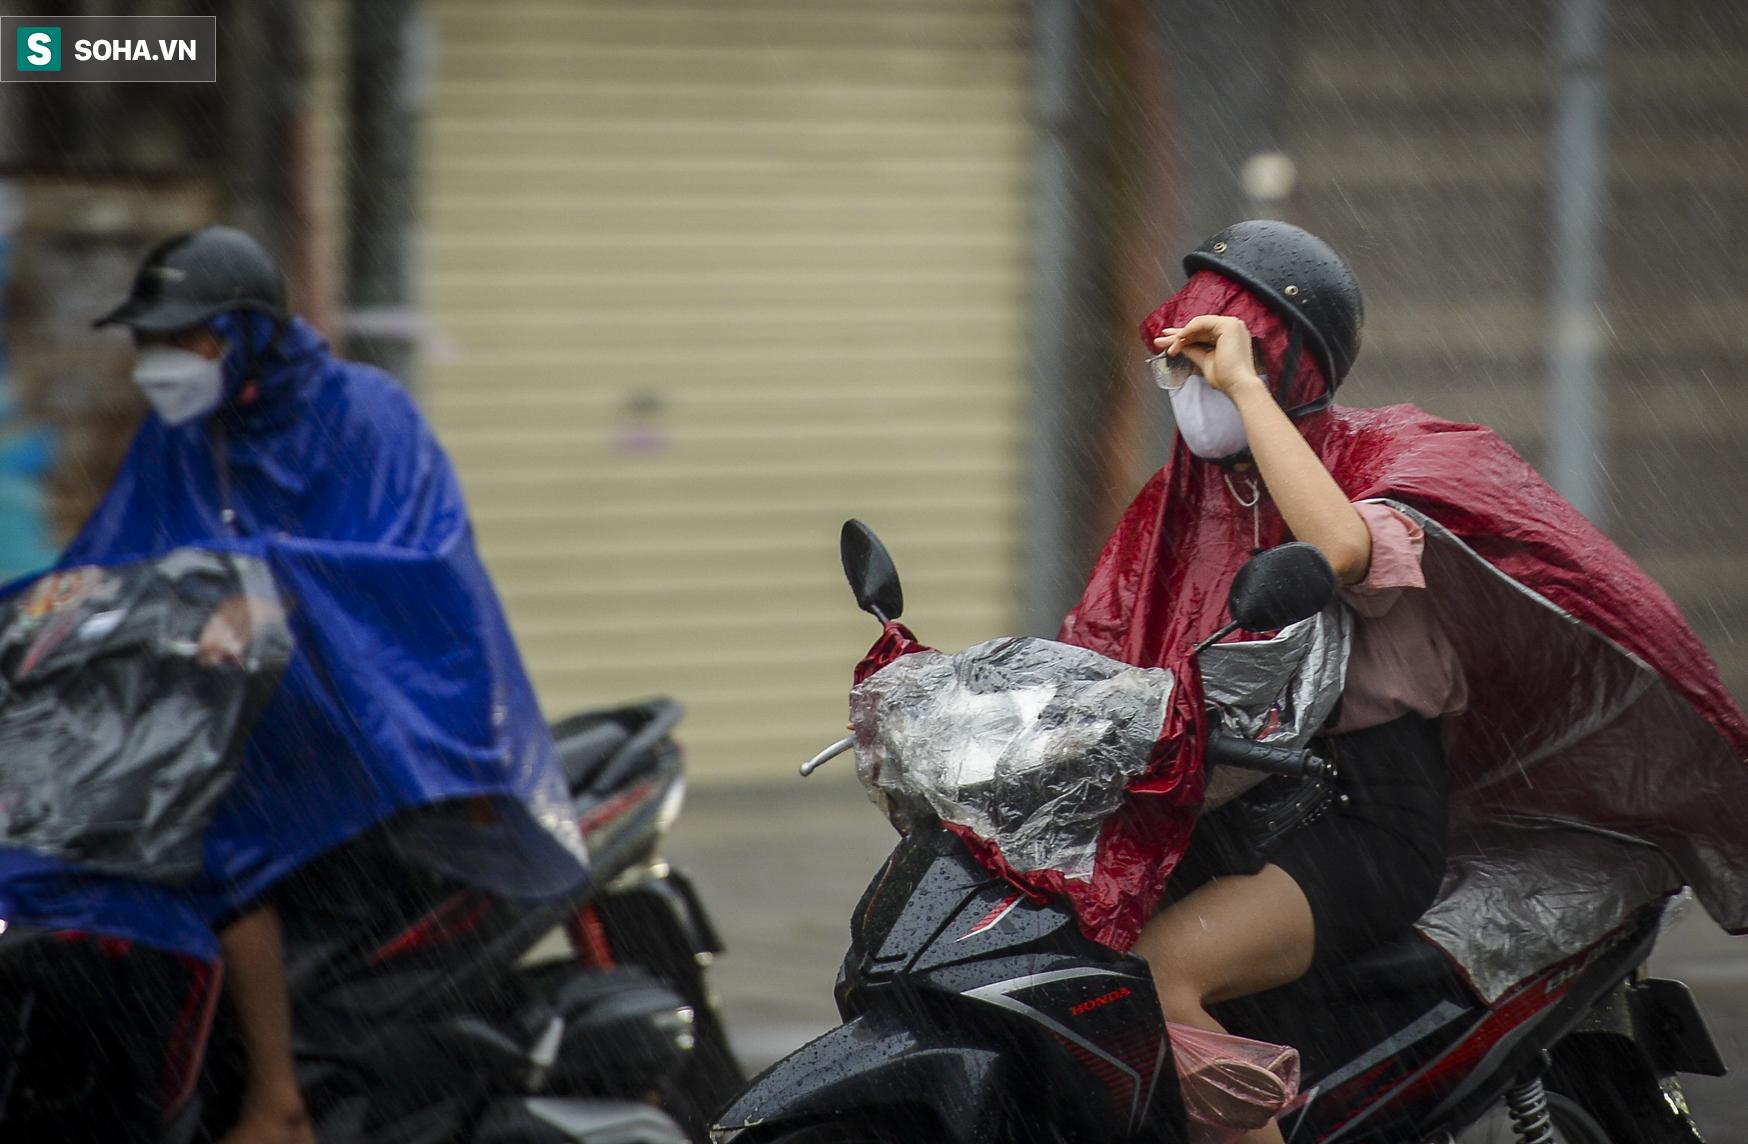 Hà Nội: Trận mưa rào lúc 8h sáng khiến trời tối sầm, nhiều phương tiện phải bật đèn để di chuyển - Ảnh 2.